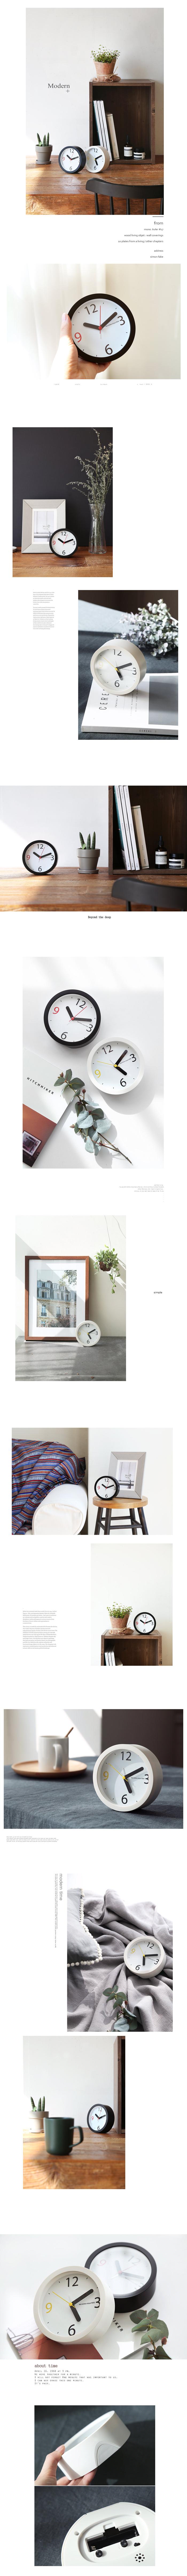 모던 플러스 무소음 탁상시계(2color) lovesweety - 꾸미기 좋은날, 12,600원, 알람/탁상시계, 디자인시계